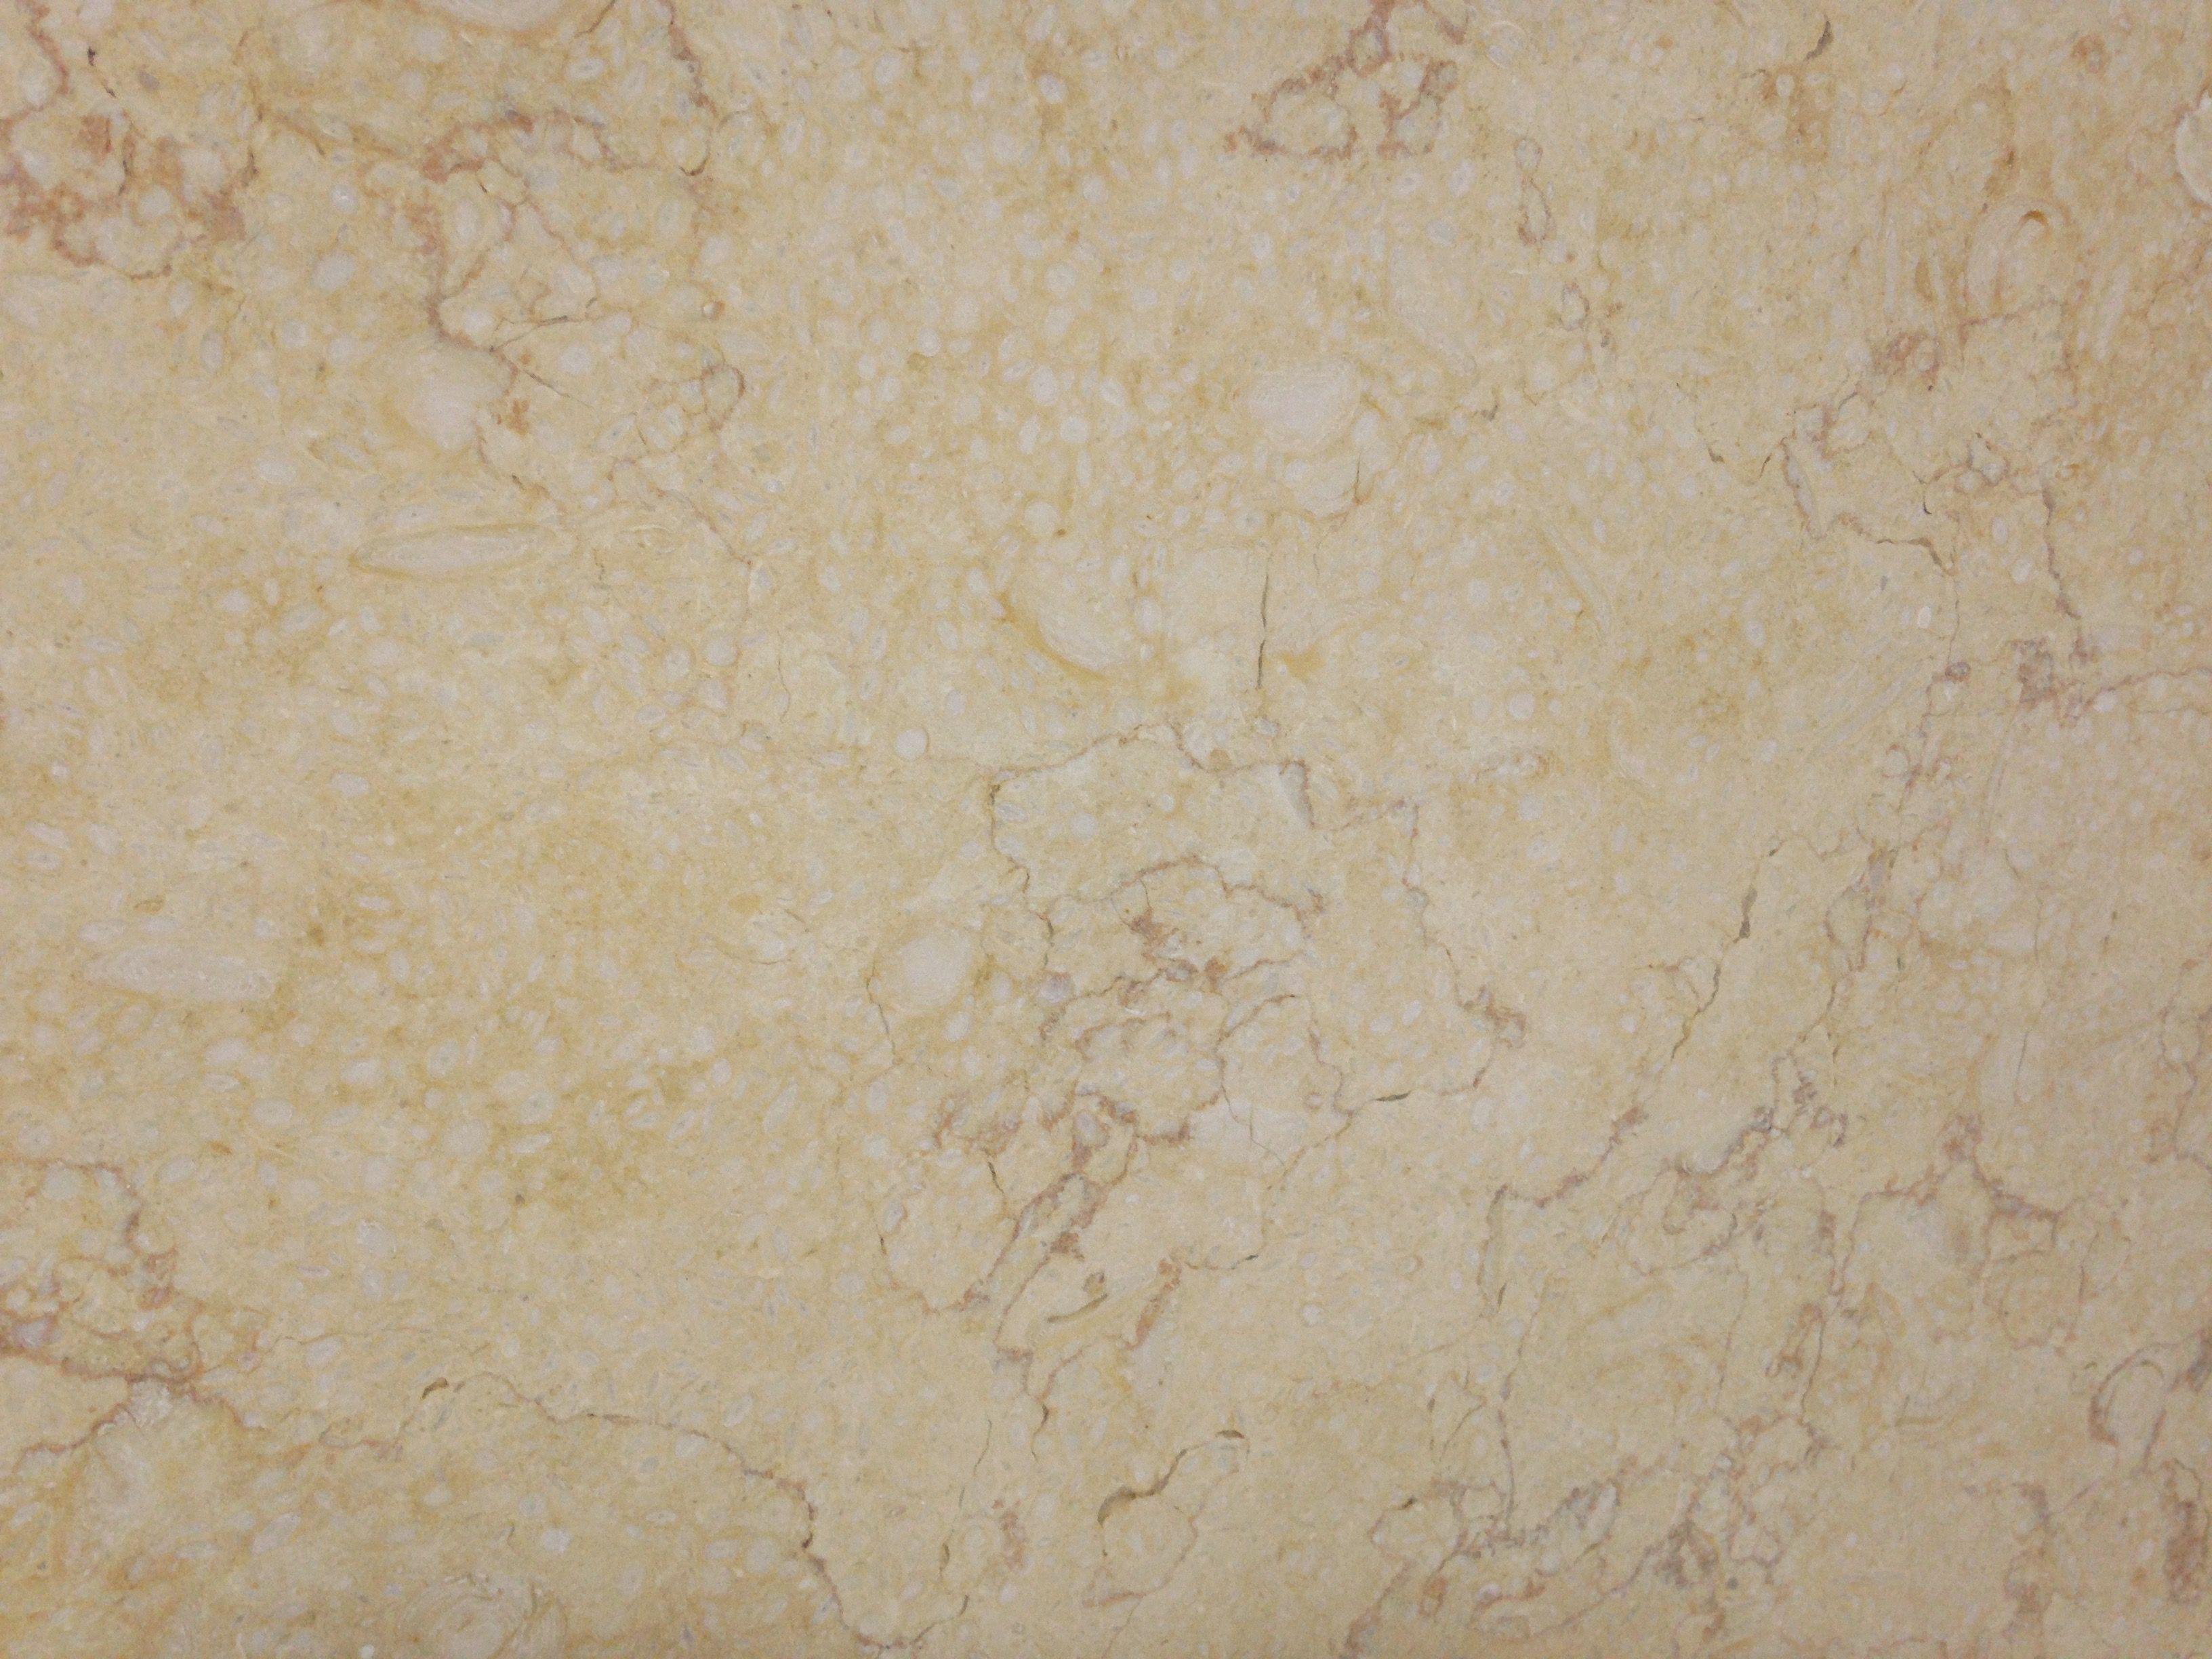 Europa Travertine #Homedecor #Countertops #Kitchen #Bathroom #Granite #Marble #Quartz #Quartzite